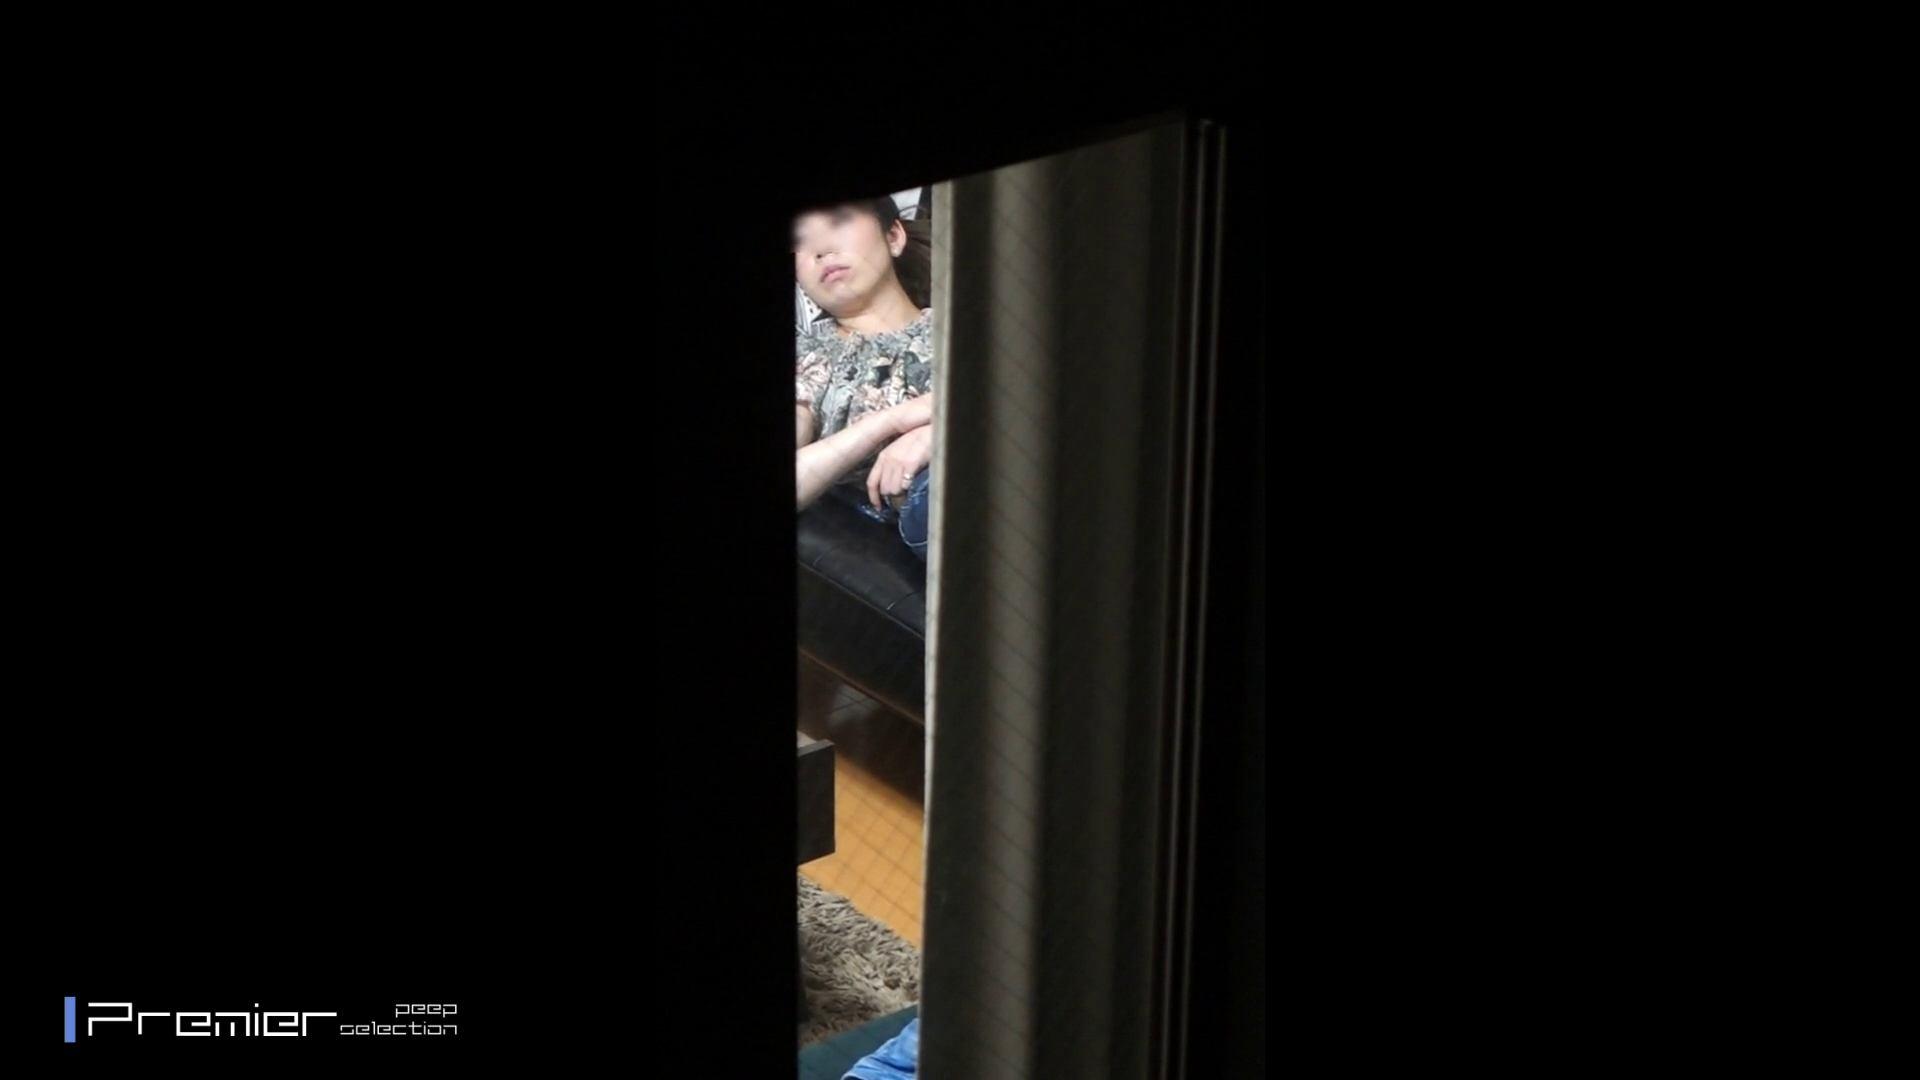 美人 OL のおっぱいとセクシーランジェリー  美女達の私生活に潜入! 潜入 のぞき動画画像 47pic 28